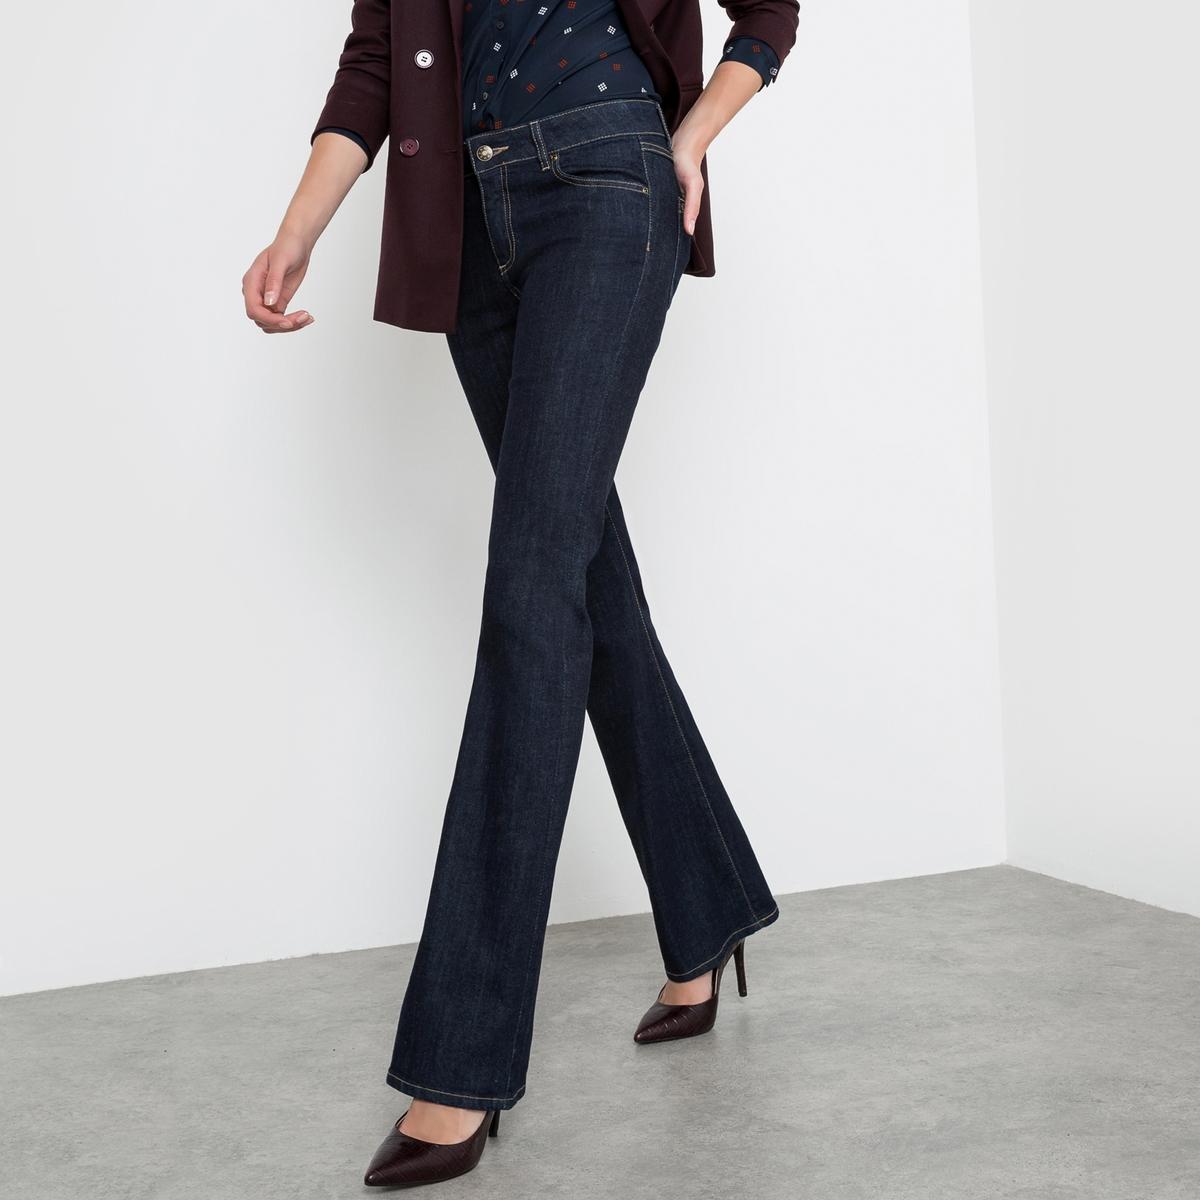 Джинсы-буткат, заниженный поясДжинсы покроя буткат (брюки прямые до колен и расклешенные к низу). Покрой 5 карманов. Планка застежки на молнию.Деним, 98% хлопка, 2% эластана. Длина по внутреннему шву 83 см, ширина по низу 23 см. Существует 3 варианта длины..<br><br>Цвет: темно-синий<br>Размер: 27 (US) - 42/44 (RUS)